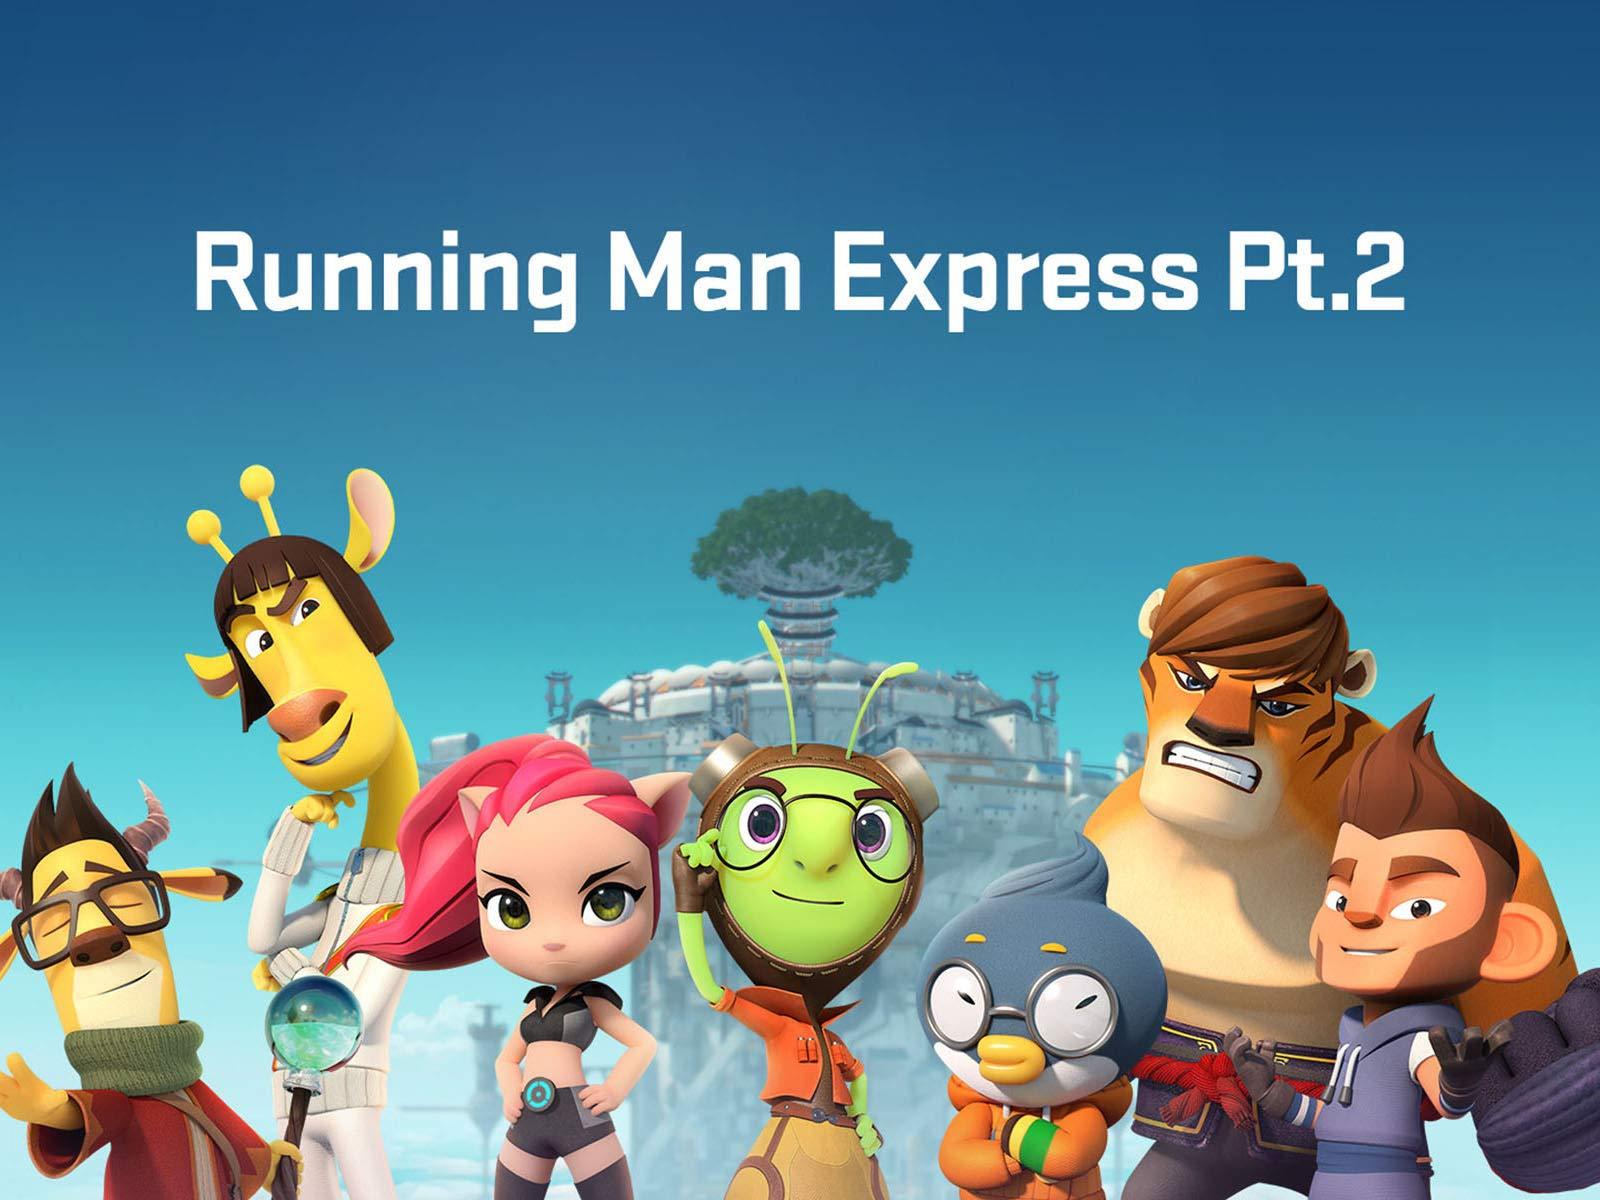 Running Man Cartoon Cast 2136878 Hd Wallpaper